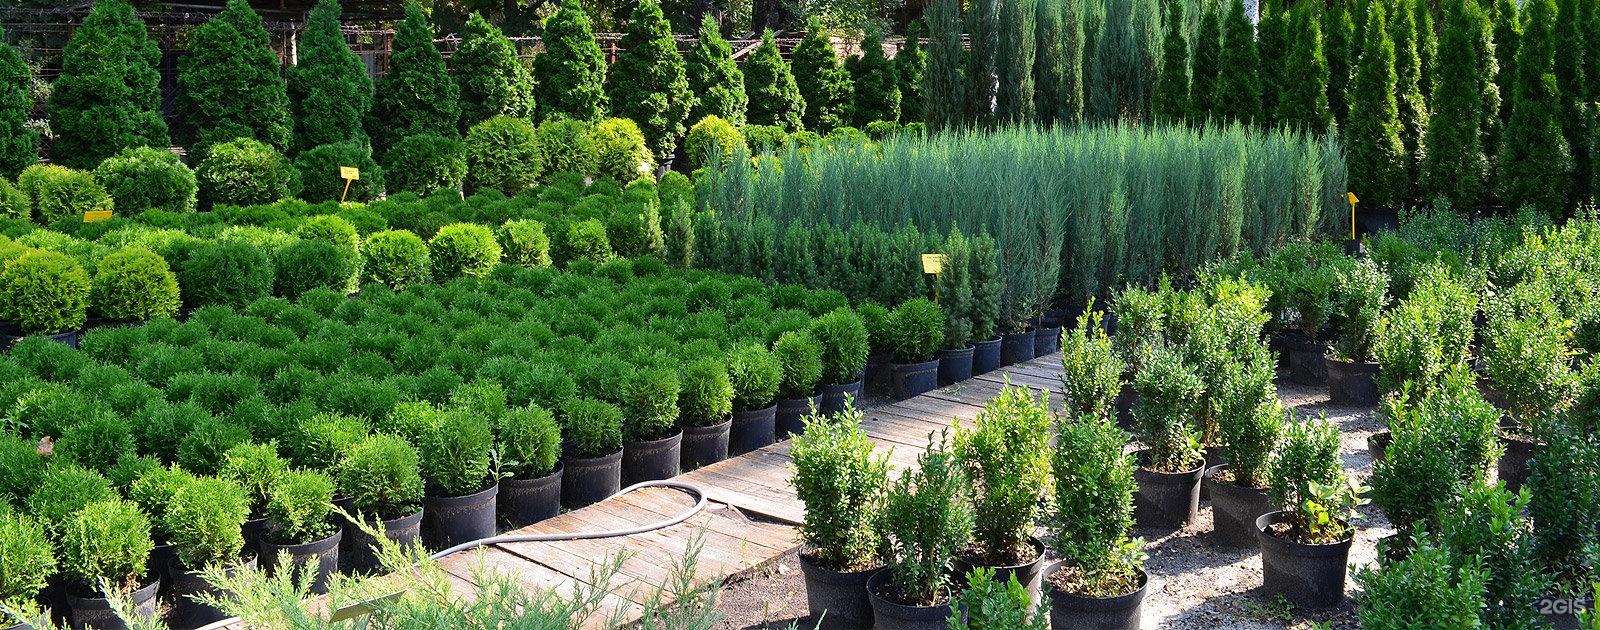 Как сделать питомник растений